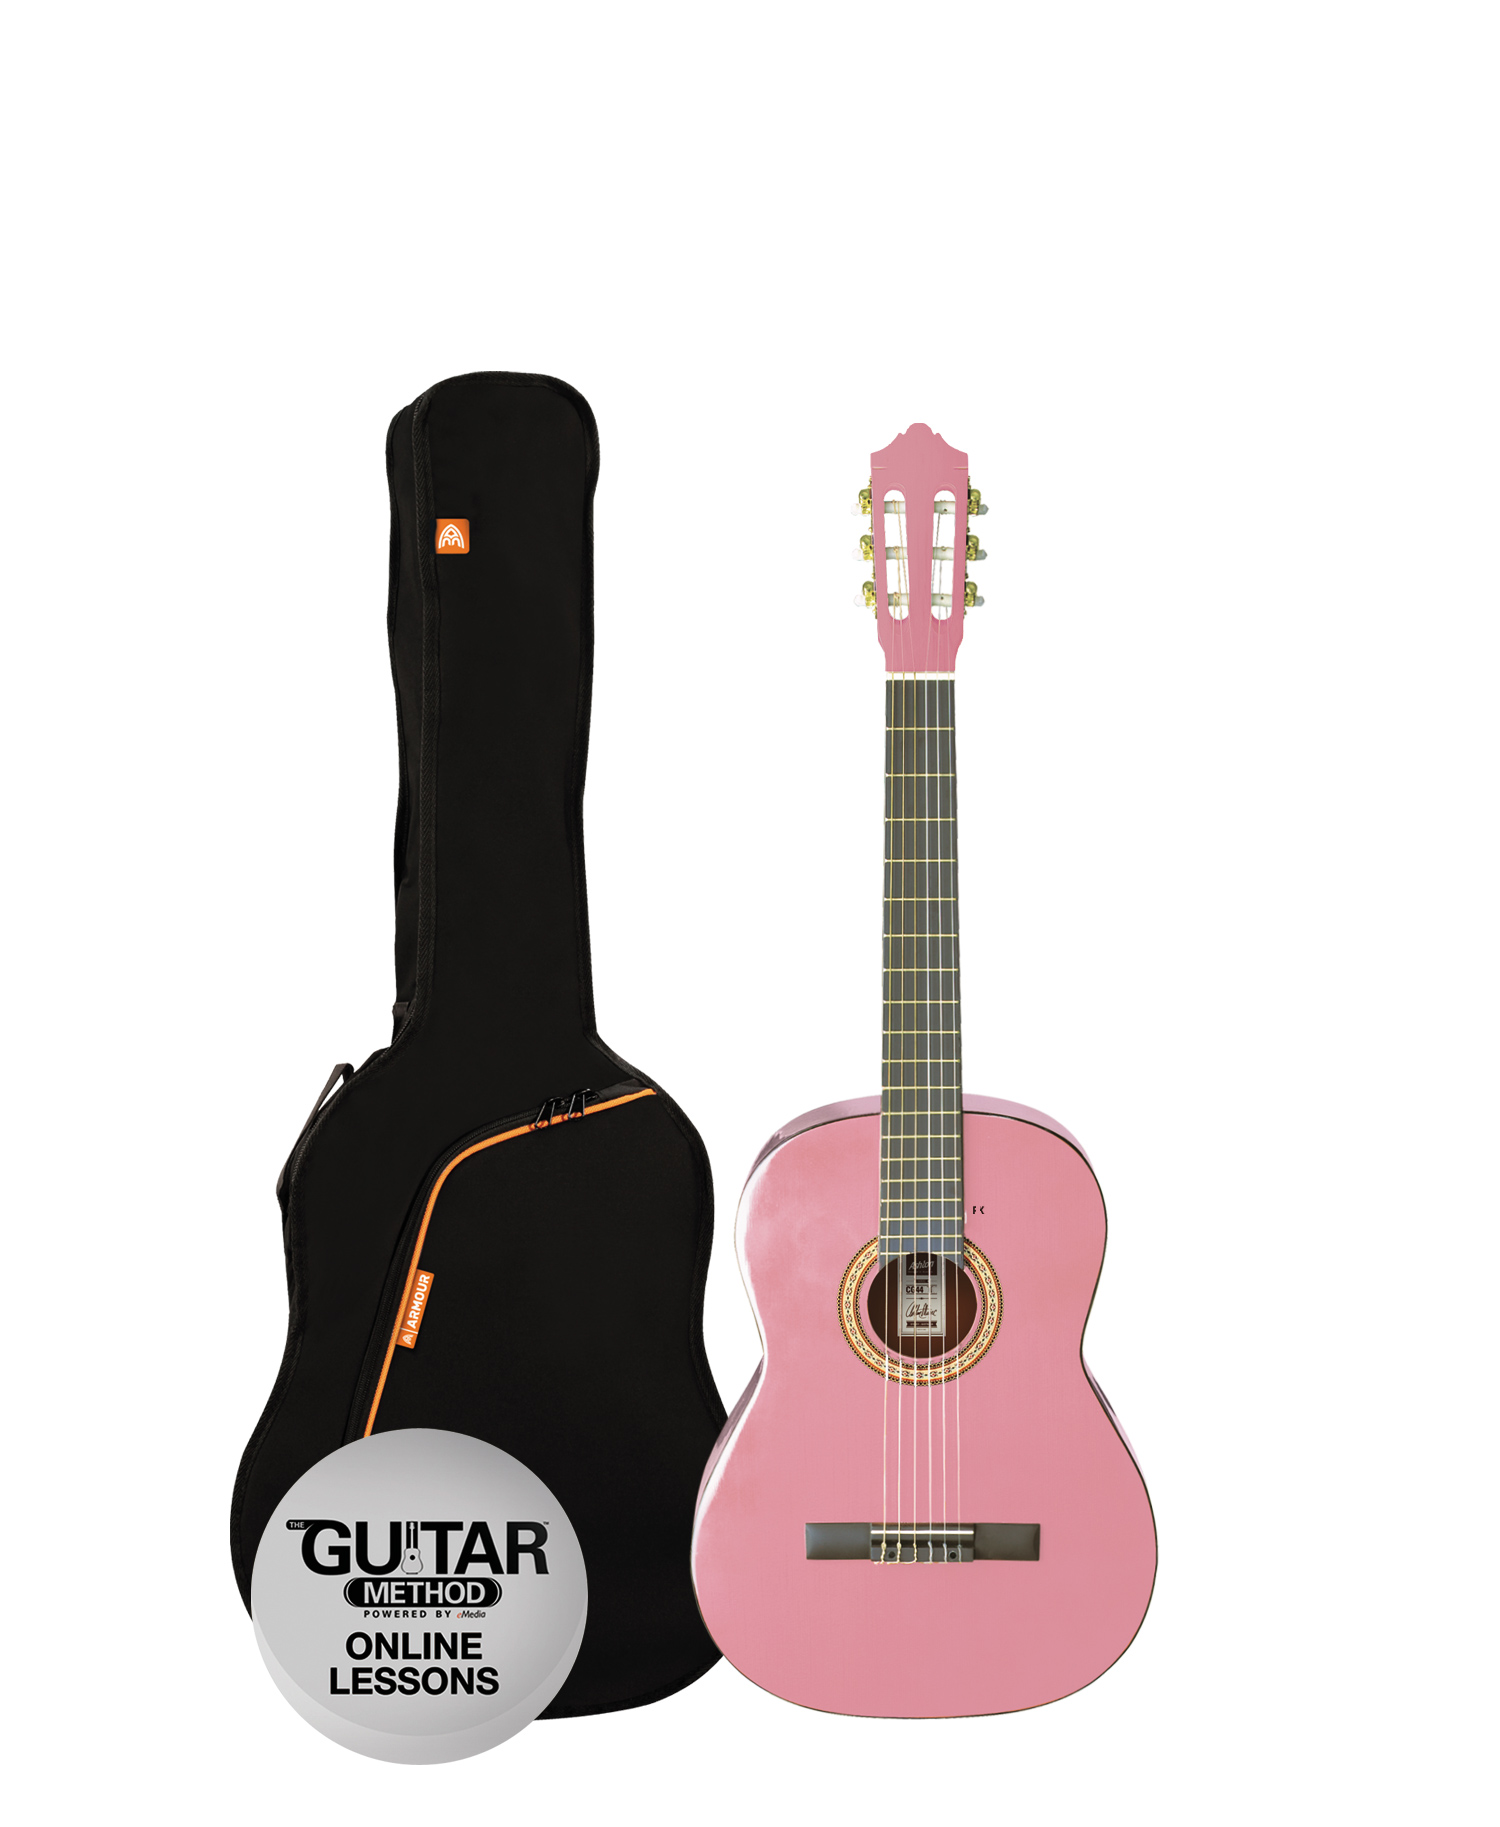 Musicworks Guitars Classical Guitar Packs Classical Guitar Pack Ashton Spcg14 Classic Guitar Pack 1 4 Pink